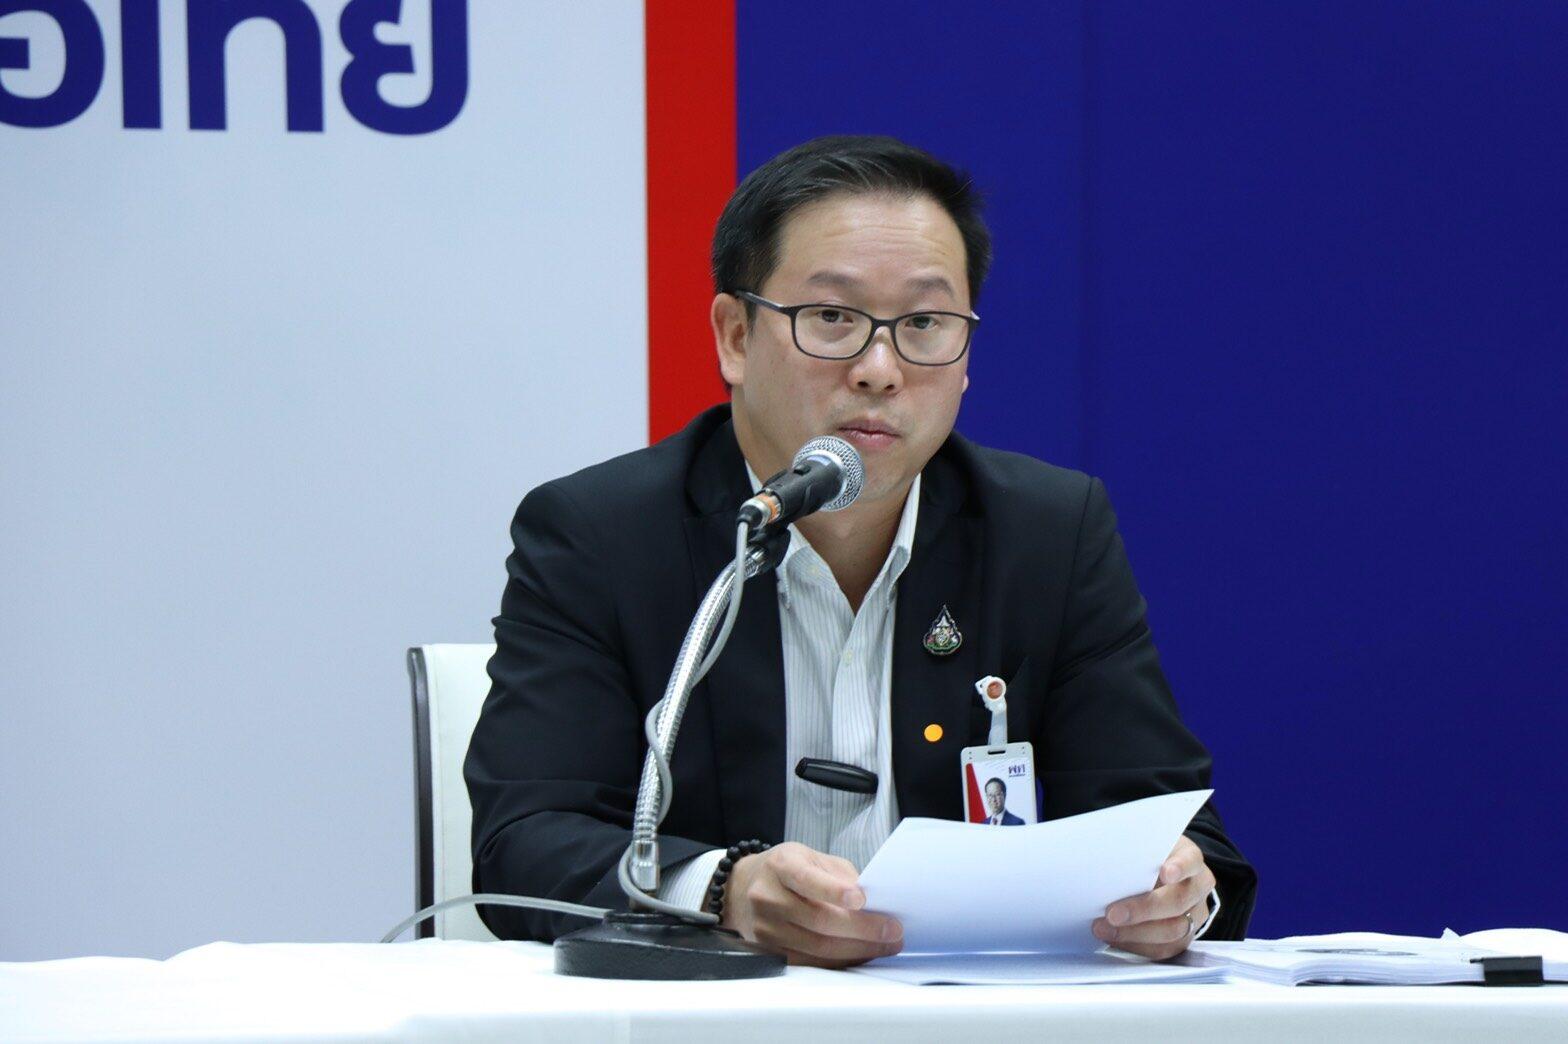 'เพื่อไทย' ลั่น 5 ทูตแนะไทย 2 ครั้ง ชี้ รบ.ด้อยประสิทธิภาพ แนะปรับประเทศเป็นระบบดิจิทัล